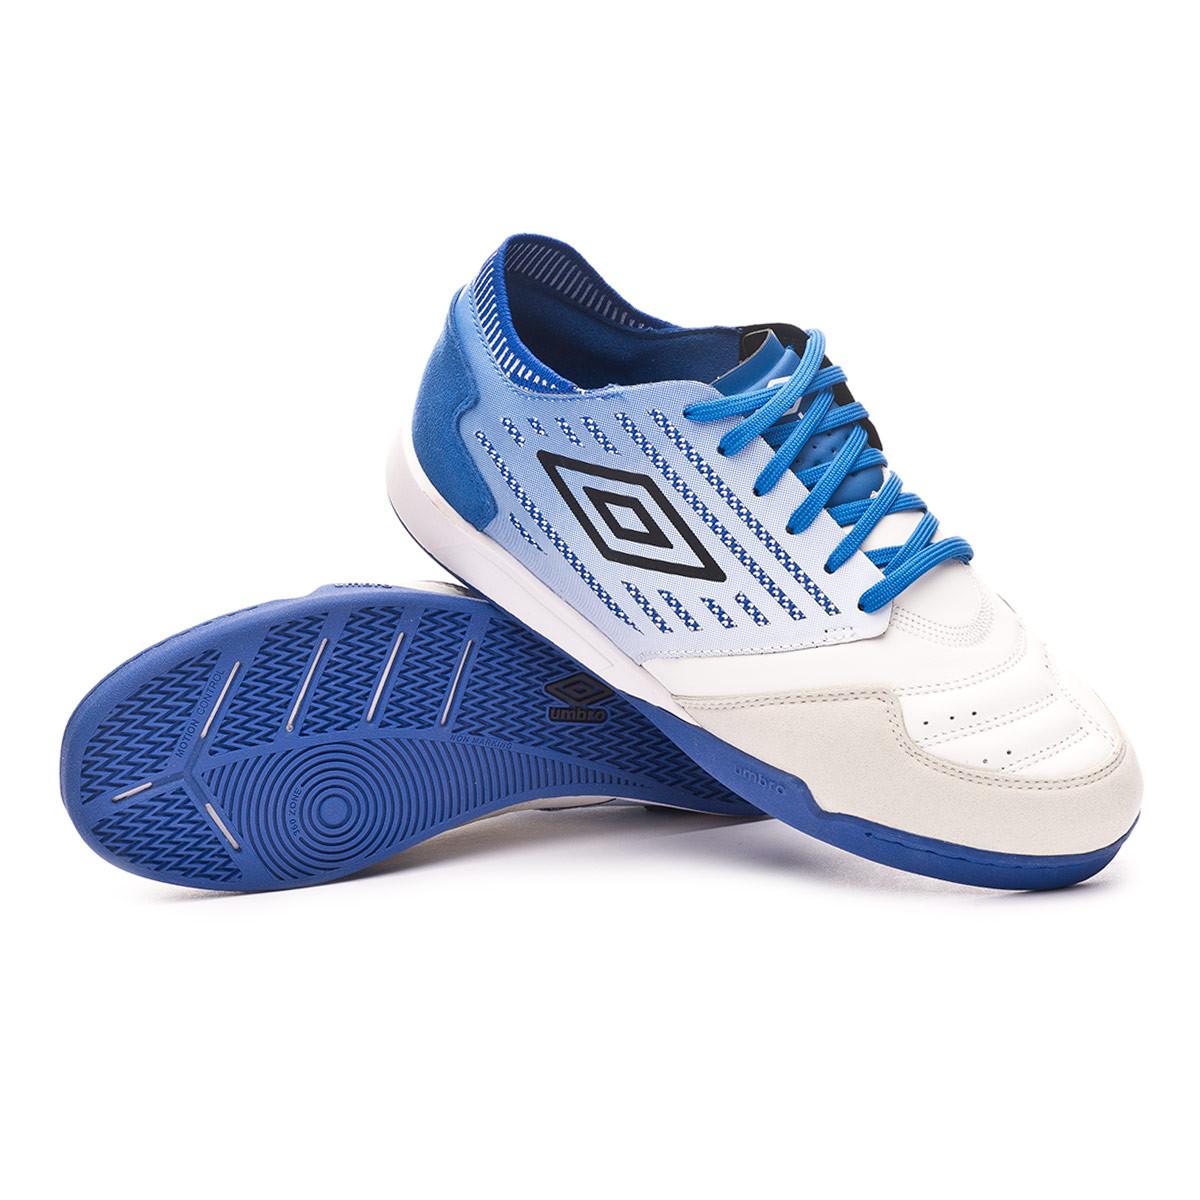 buy umbro shoes